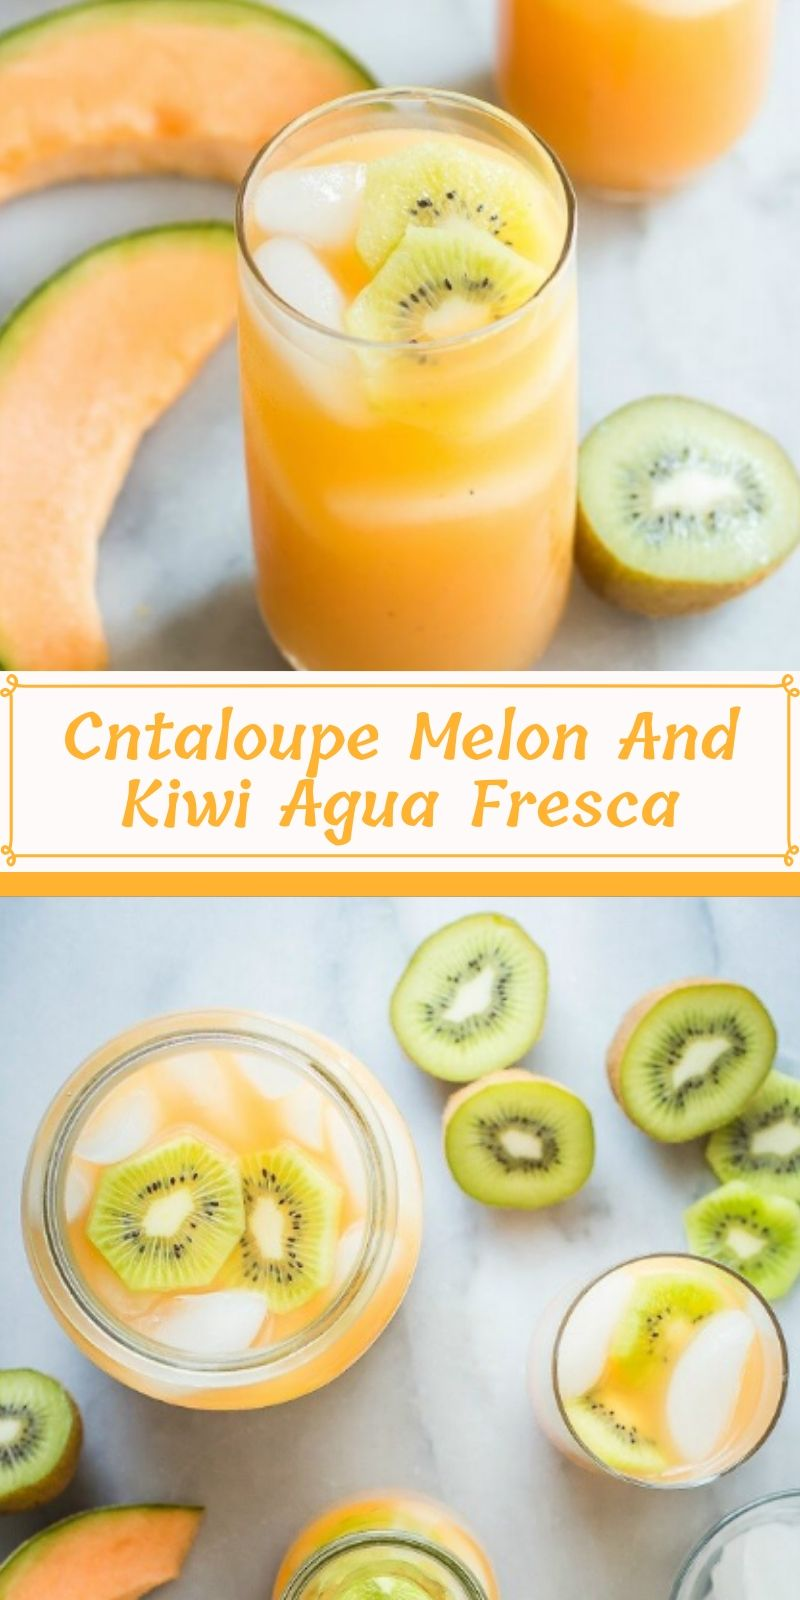 https://foodnessgracious.com/cantaloupe-melon-and-kiwi-agua-fresca/